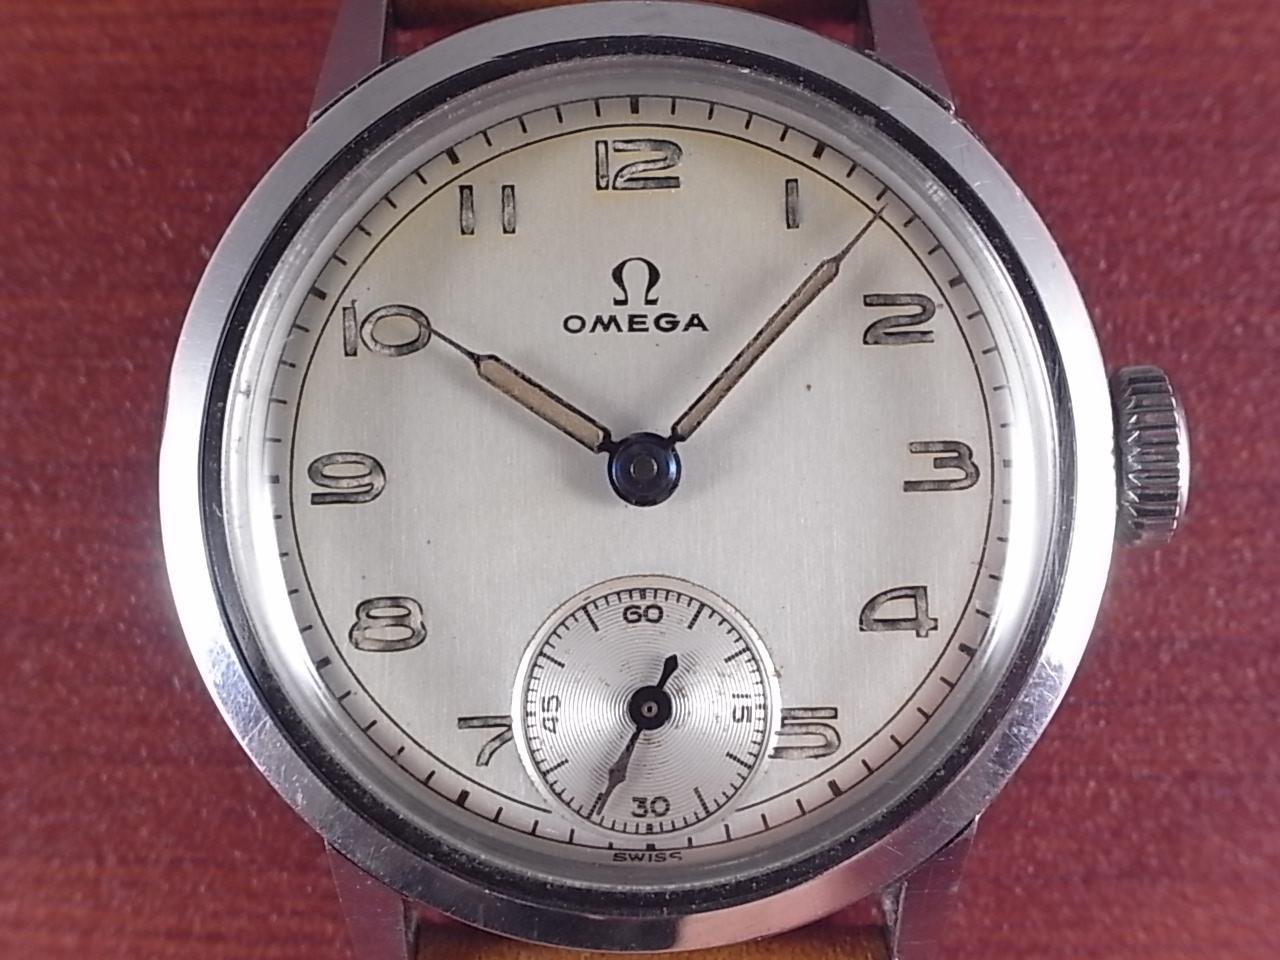 オメガ ボーイズサイズ キャリバー26.5T3 1940年代の写真2枚目